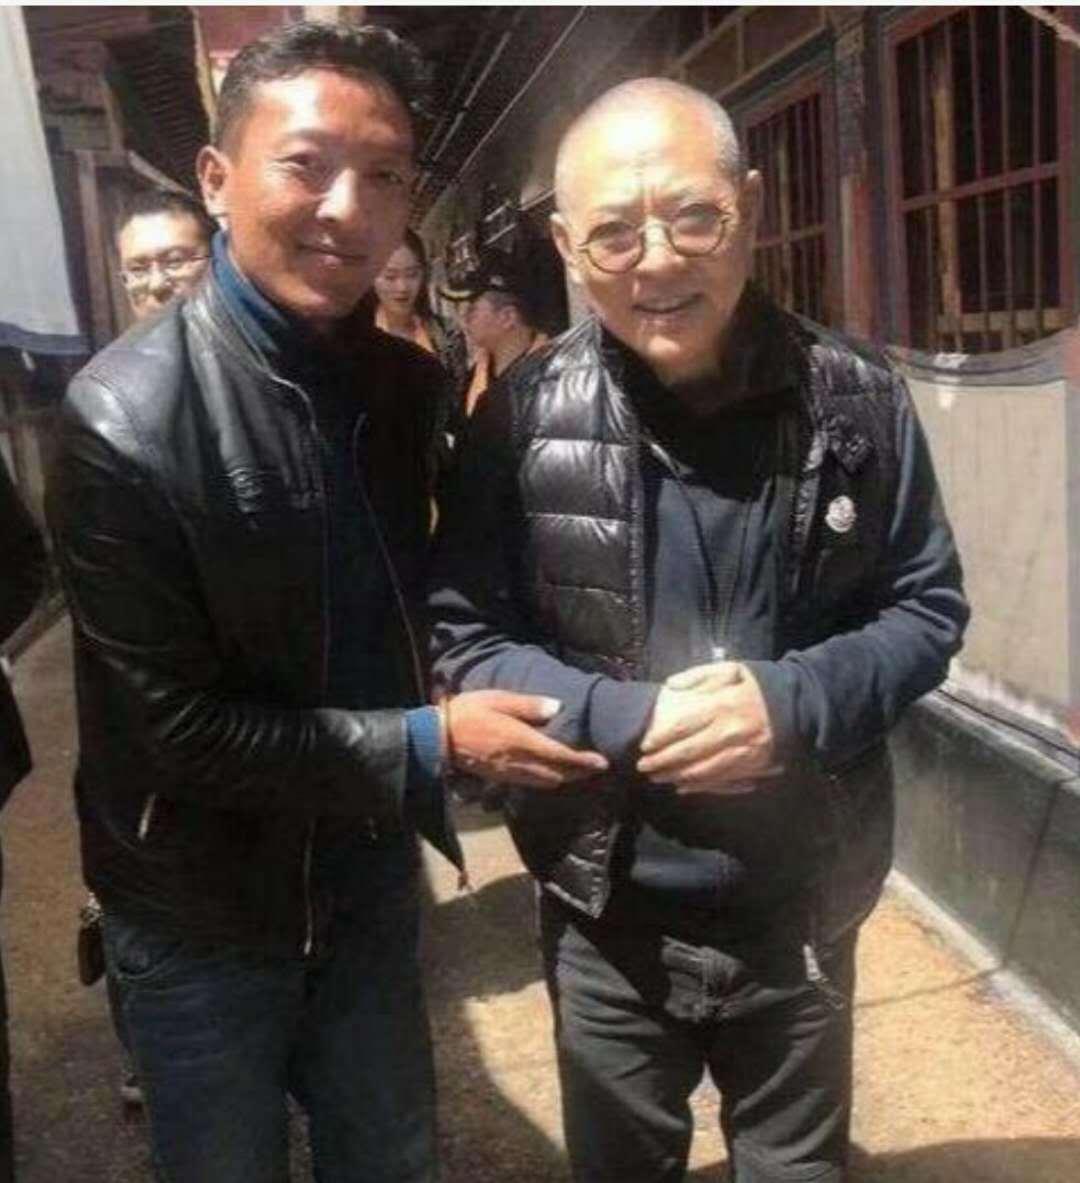 55岁李连杰近照像年轻了好几岁,完全不见之前的苍老病态!